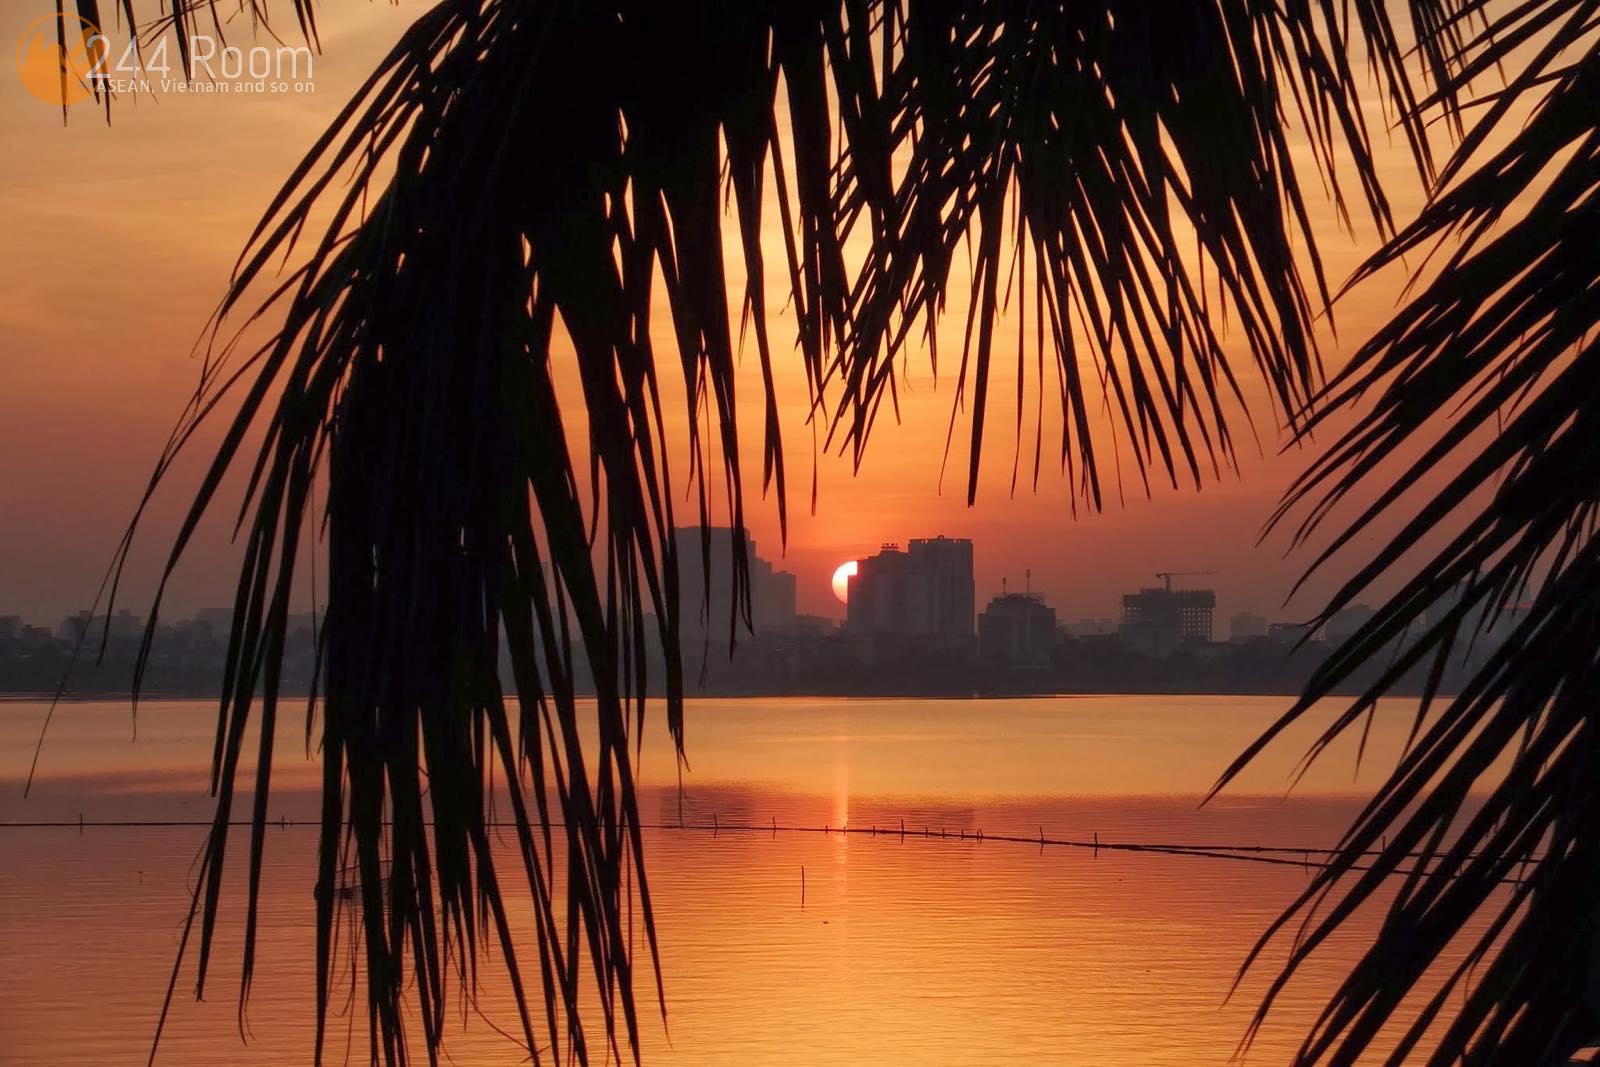 ホータイ西湖の夕日  Sunset in westlake